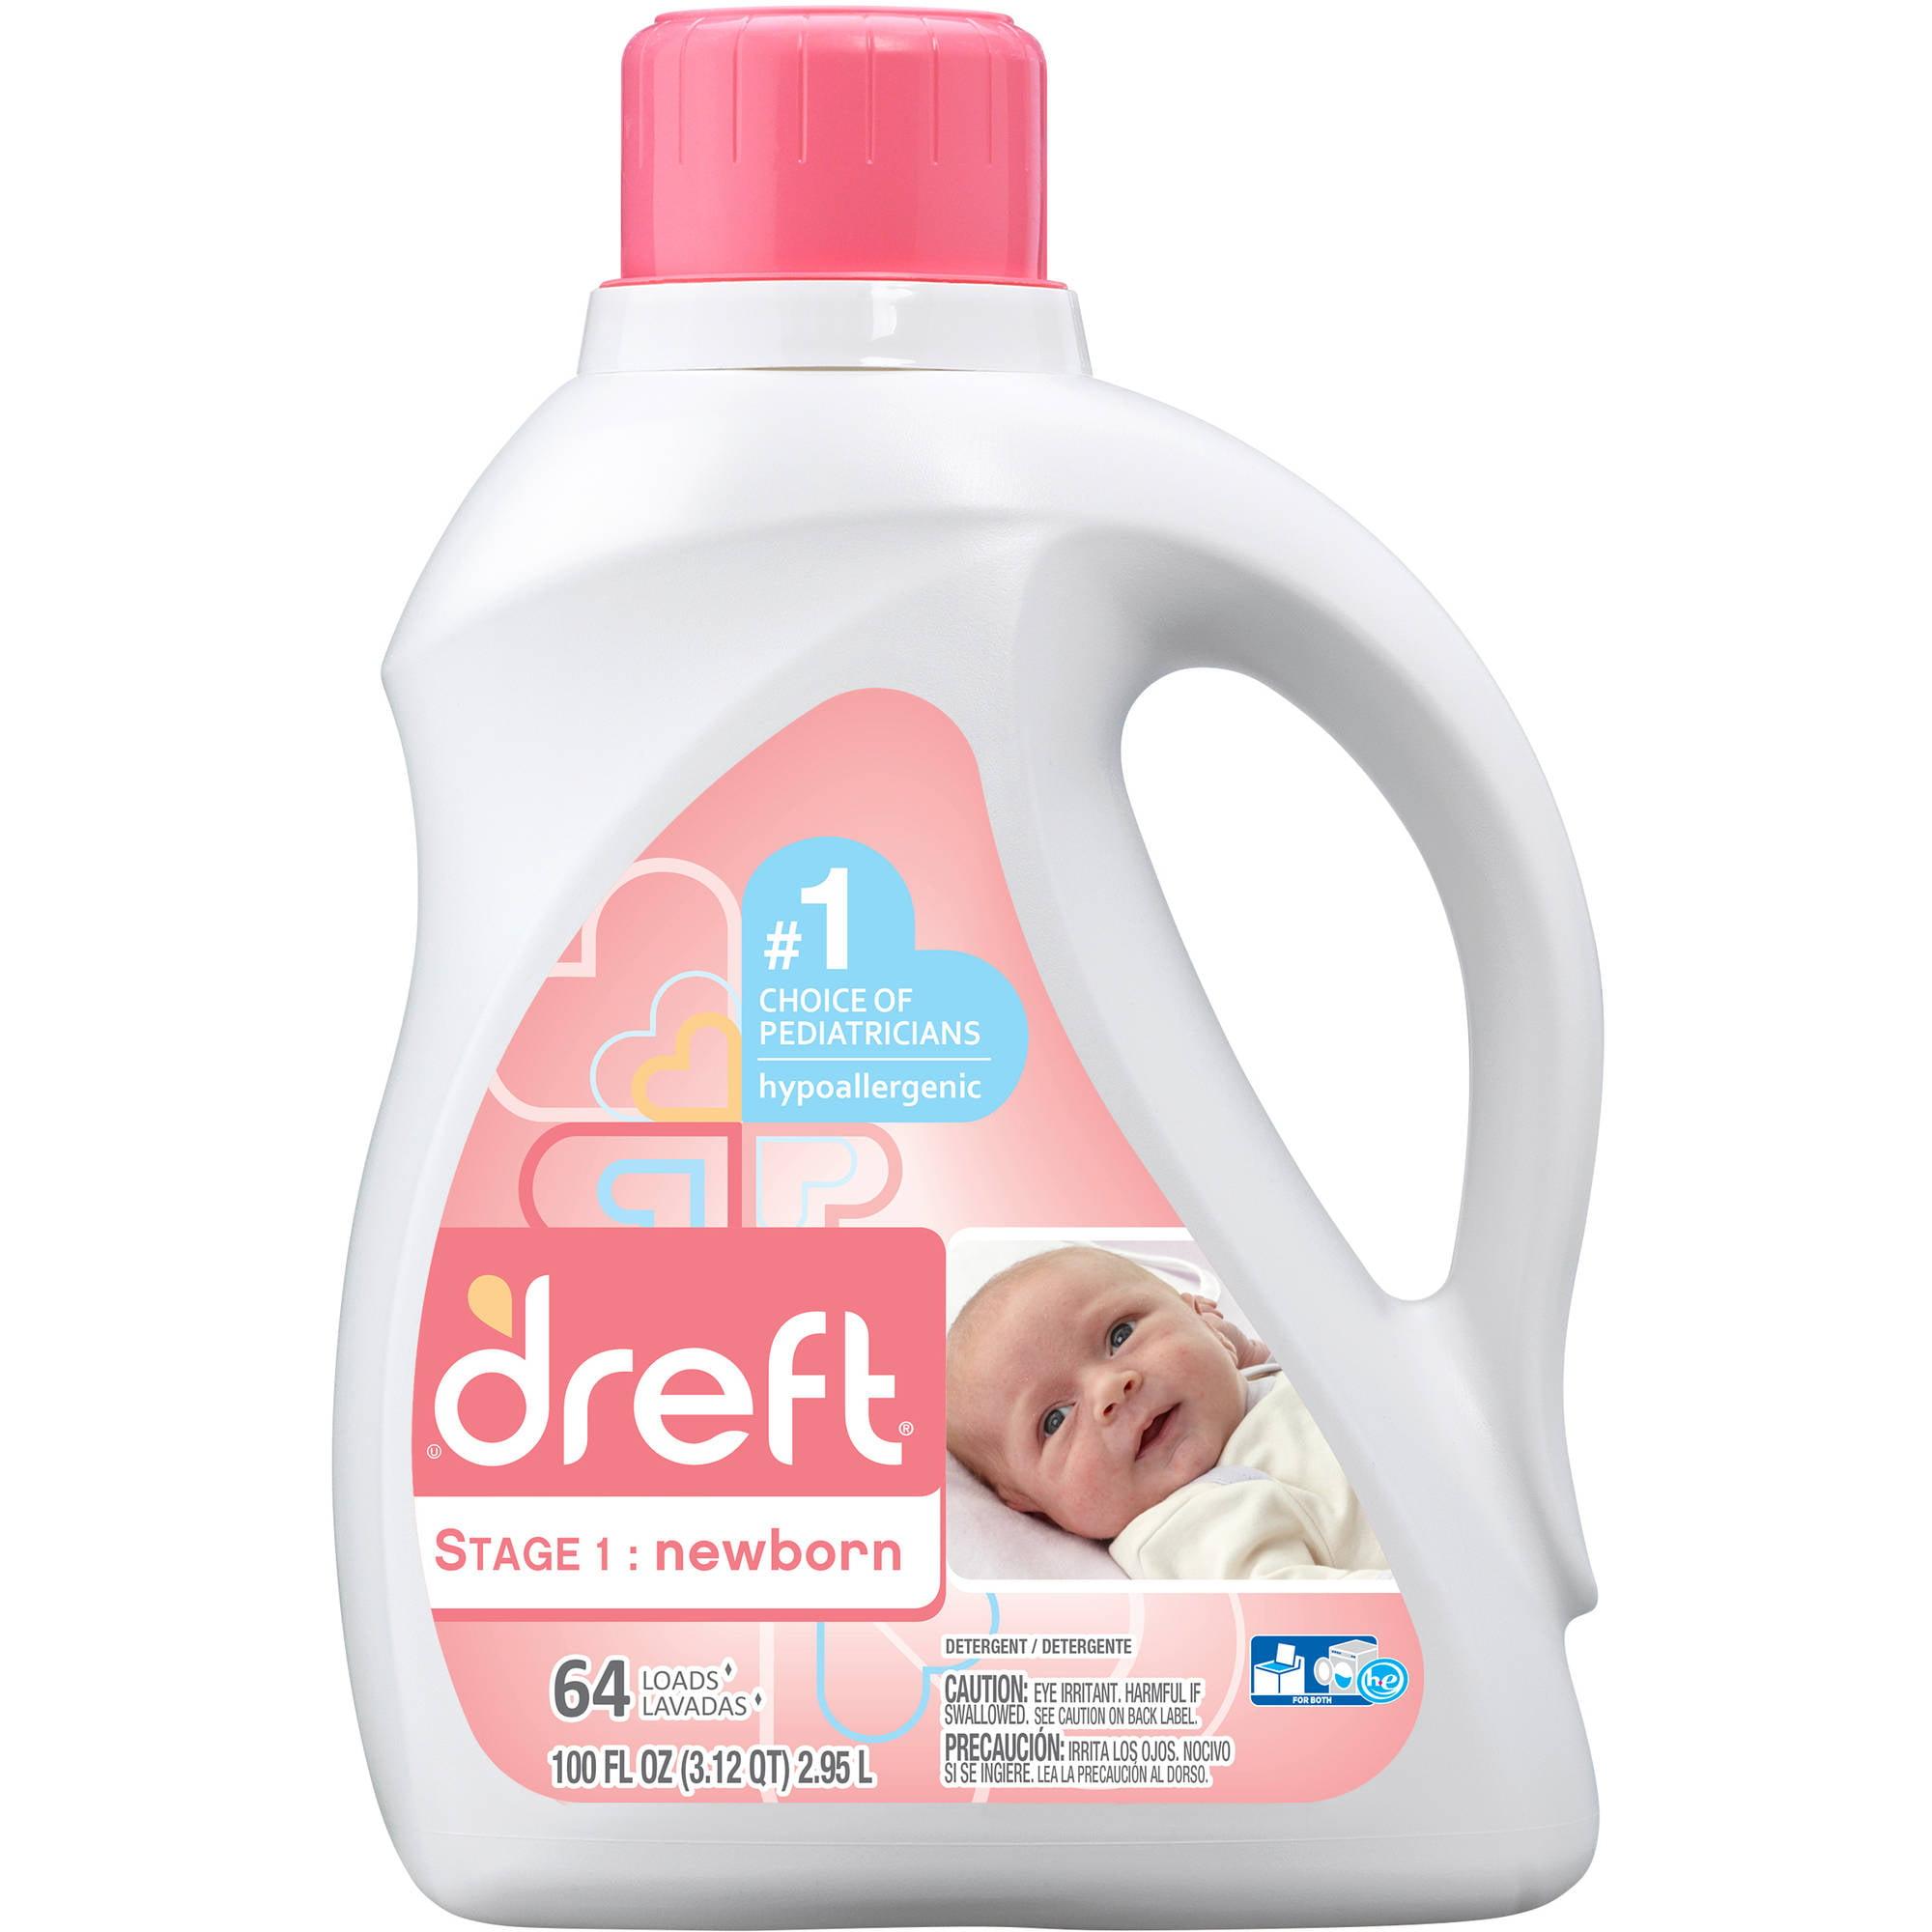 Dreft Stage 1: Newborn Liquid Laundry Detergent, 64 Loads 100 fl oz